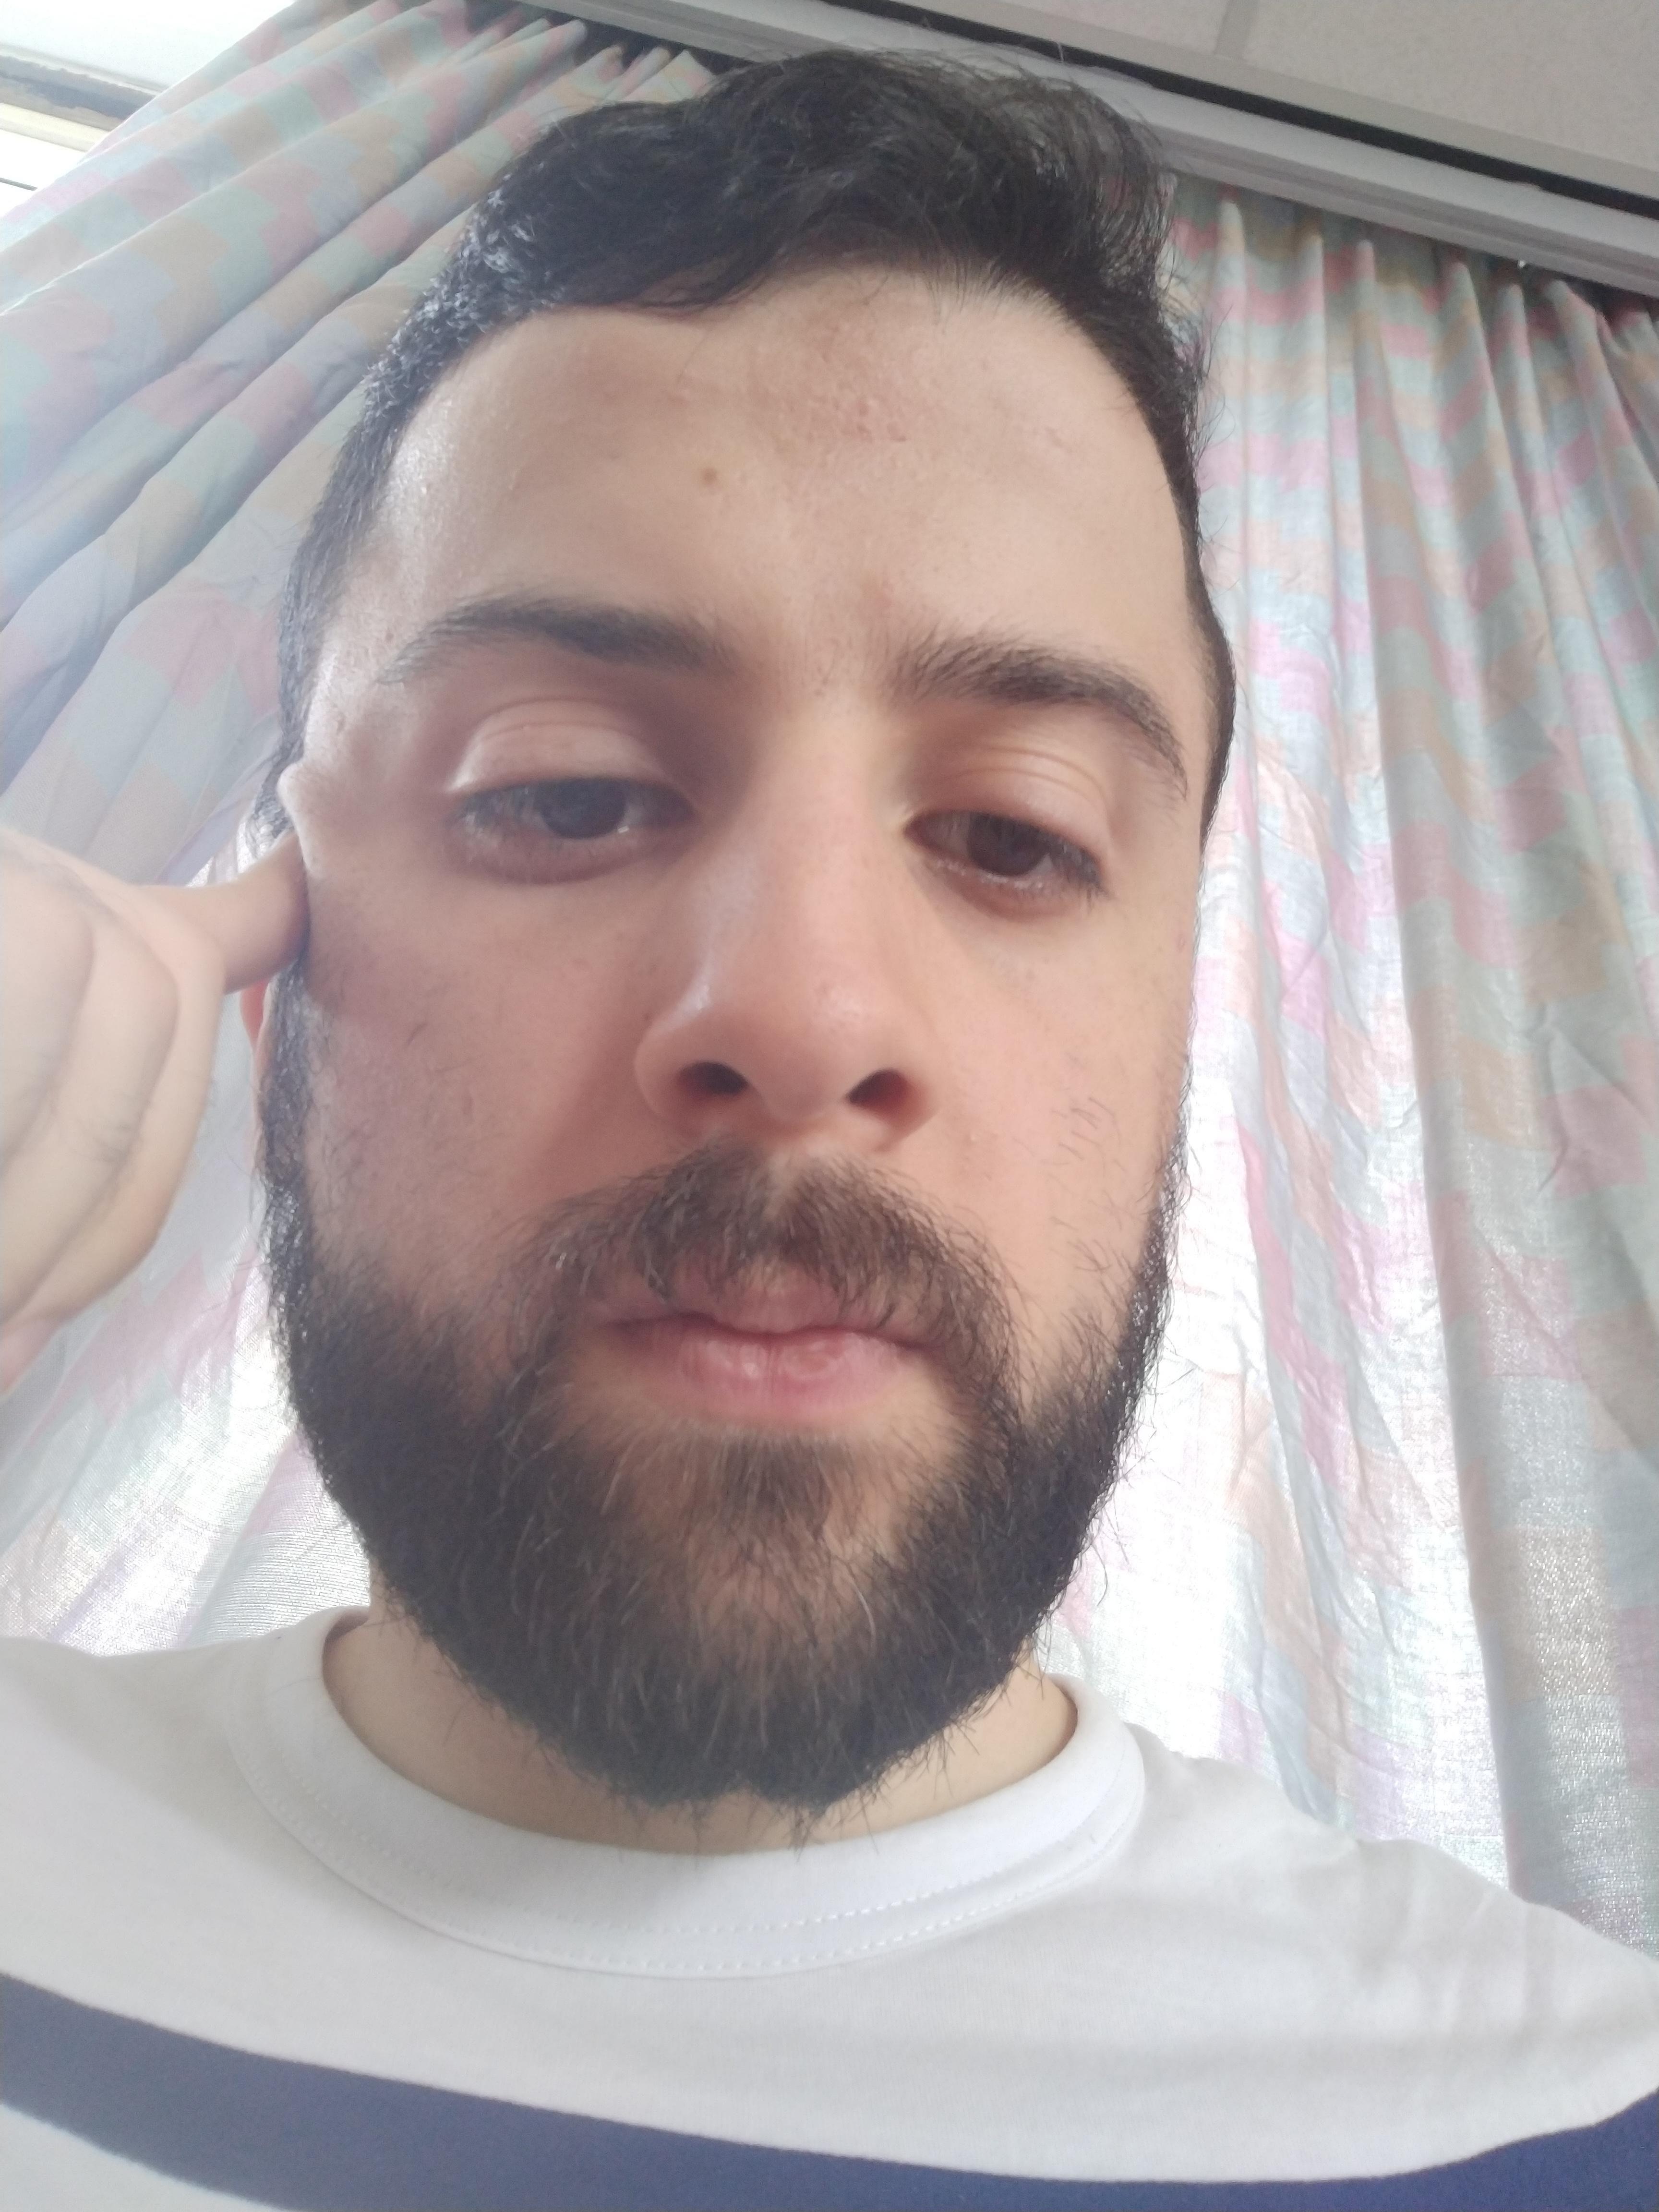 Any Tips On How To Style My Beard Not So Average Beard Styles